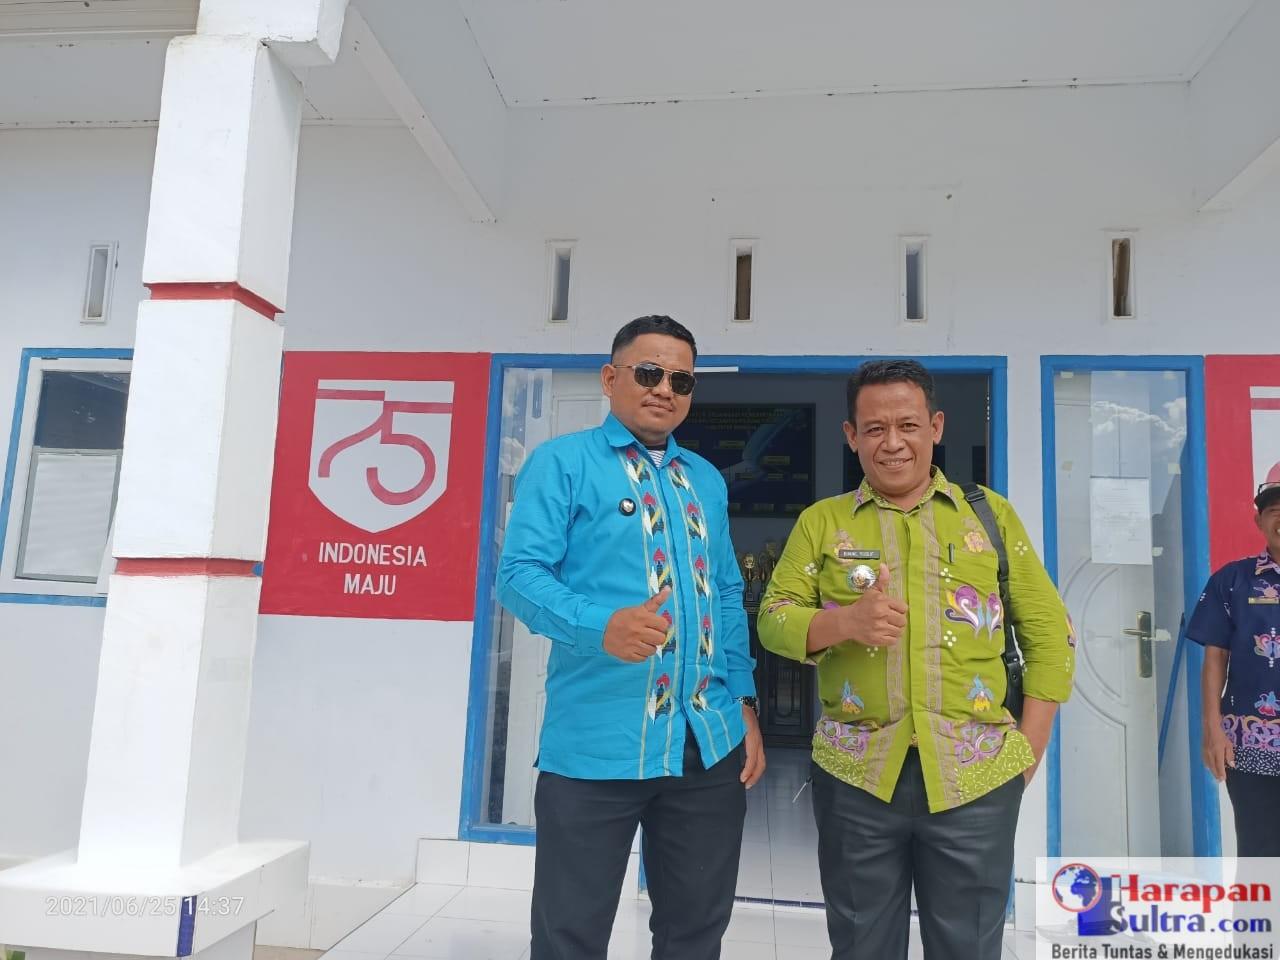 Kepala Desa Biru, Sainal Abidin (kiri) dan Camat Poleang Timur, Ismail Yusuf (kanan)